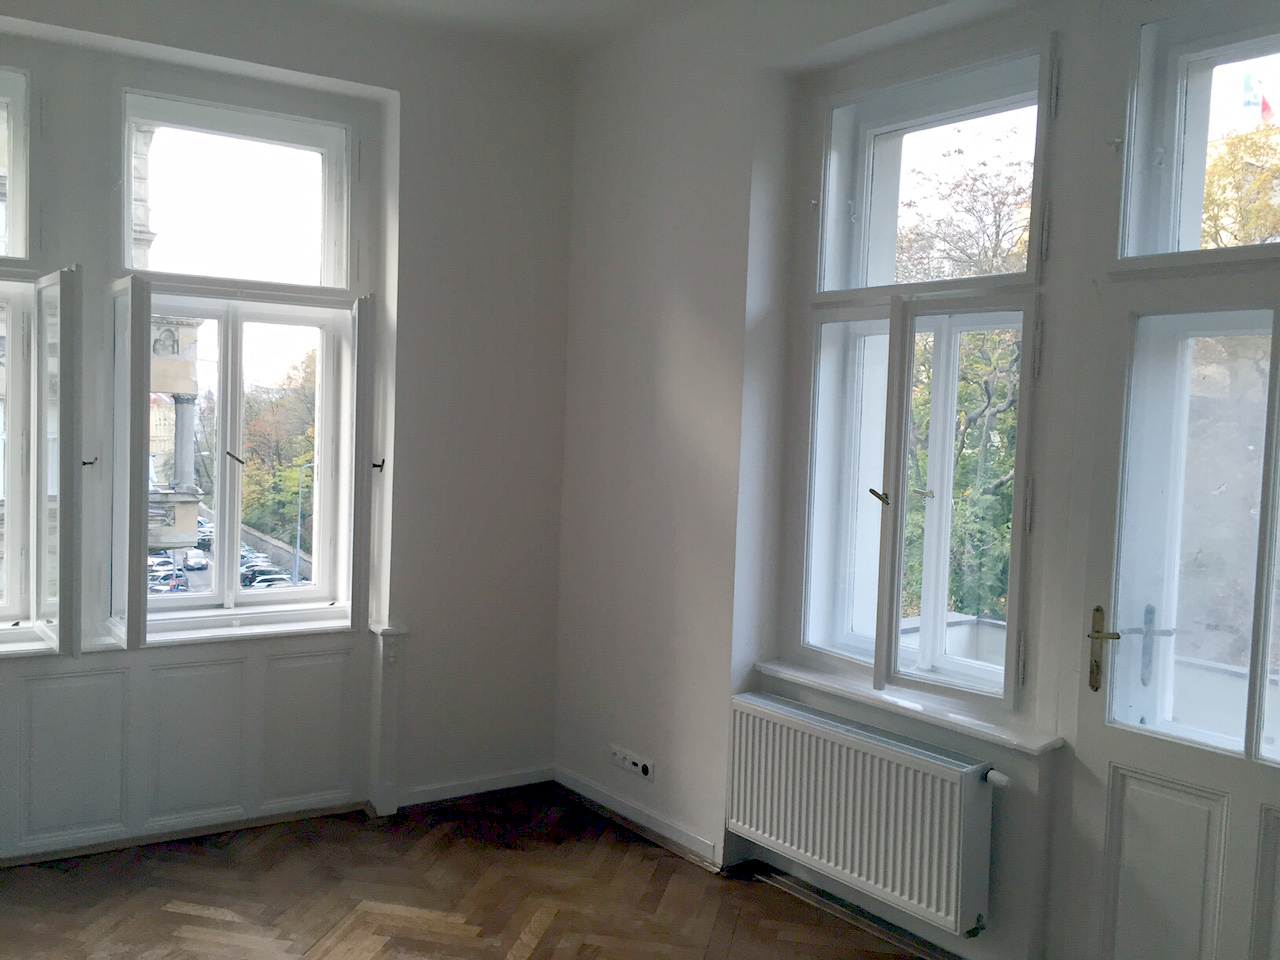 Rekonstrukce bytu Praha Vinohrady - 2017 2